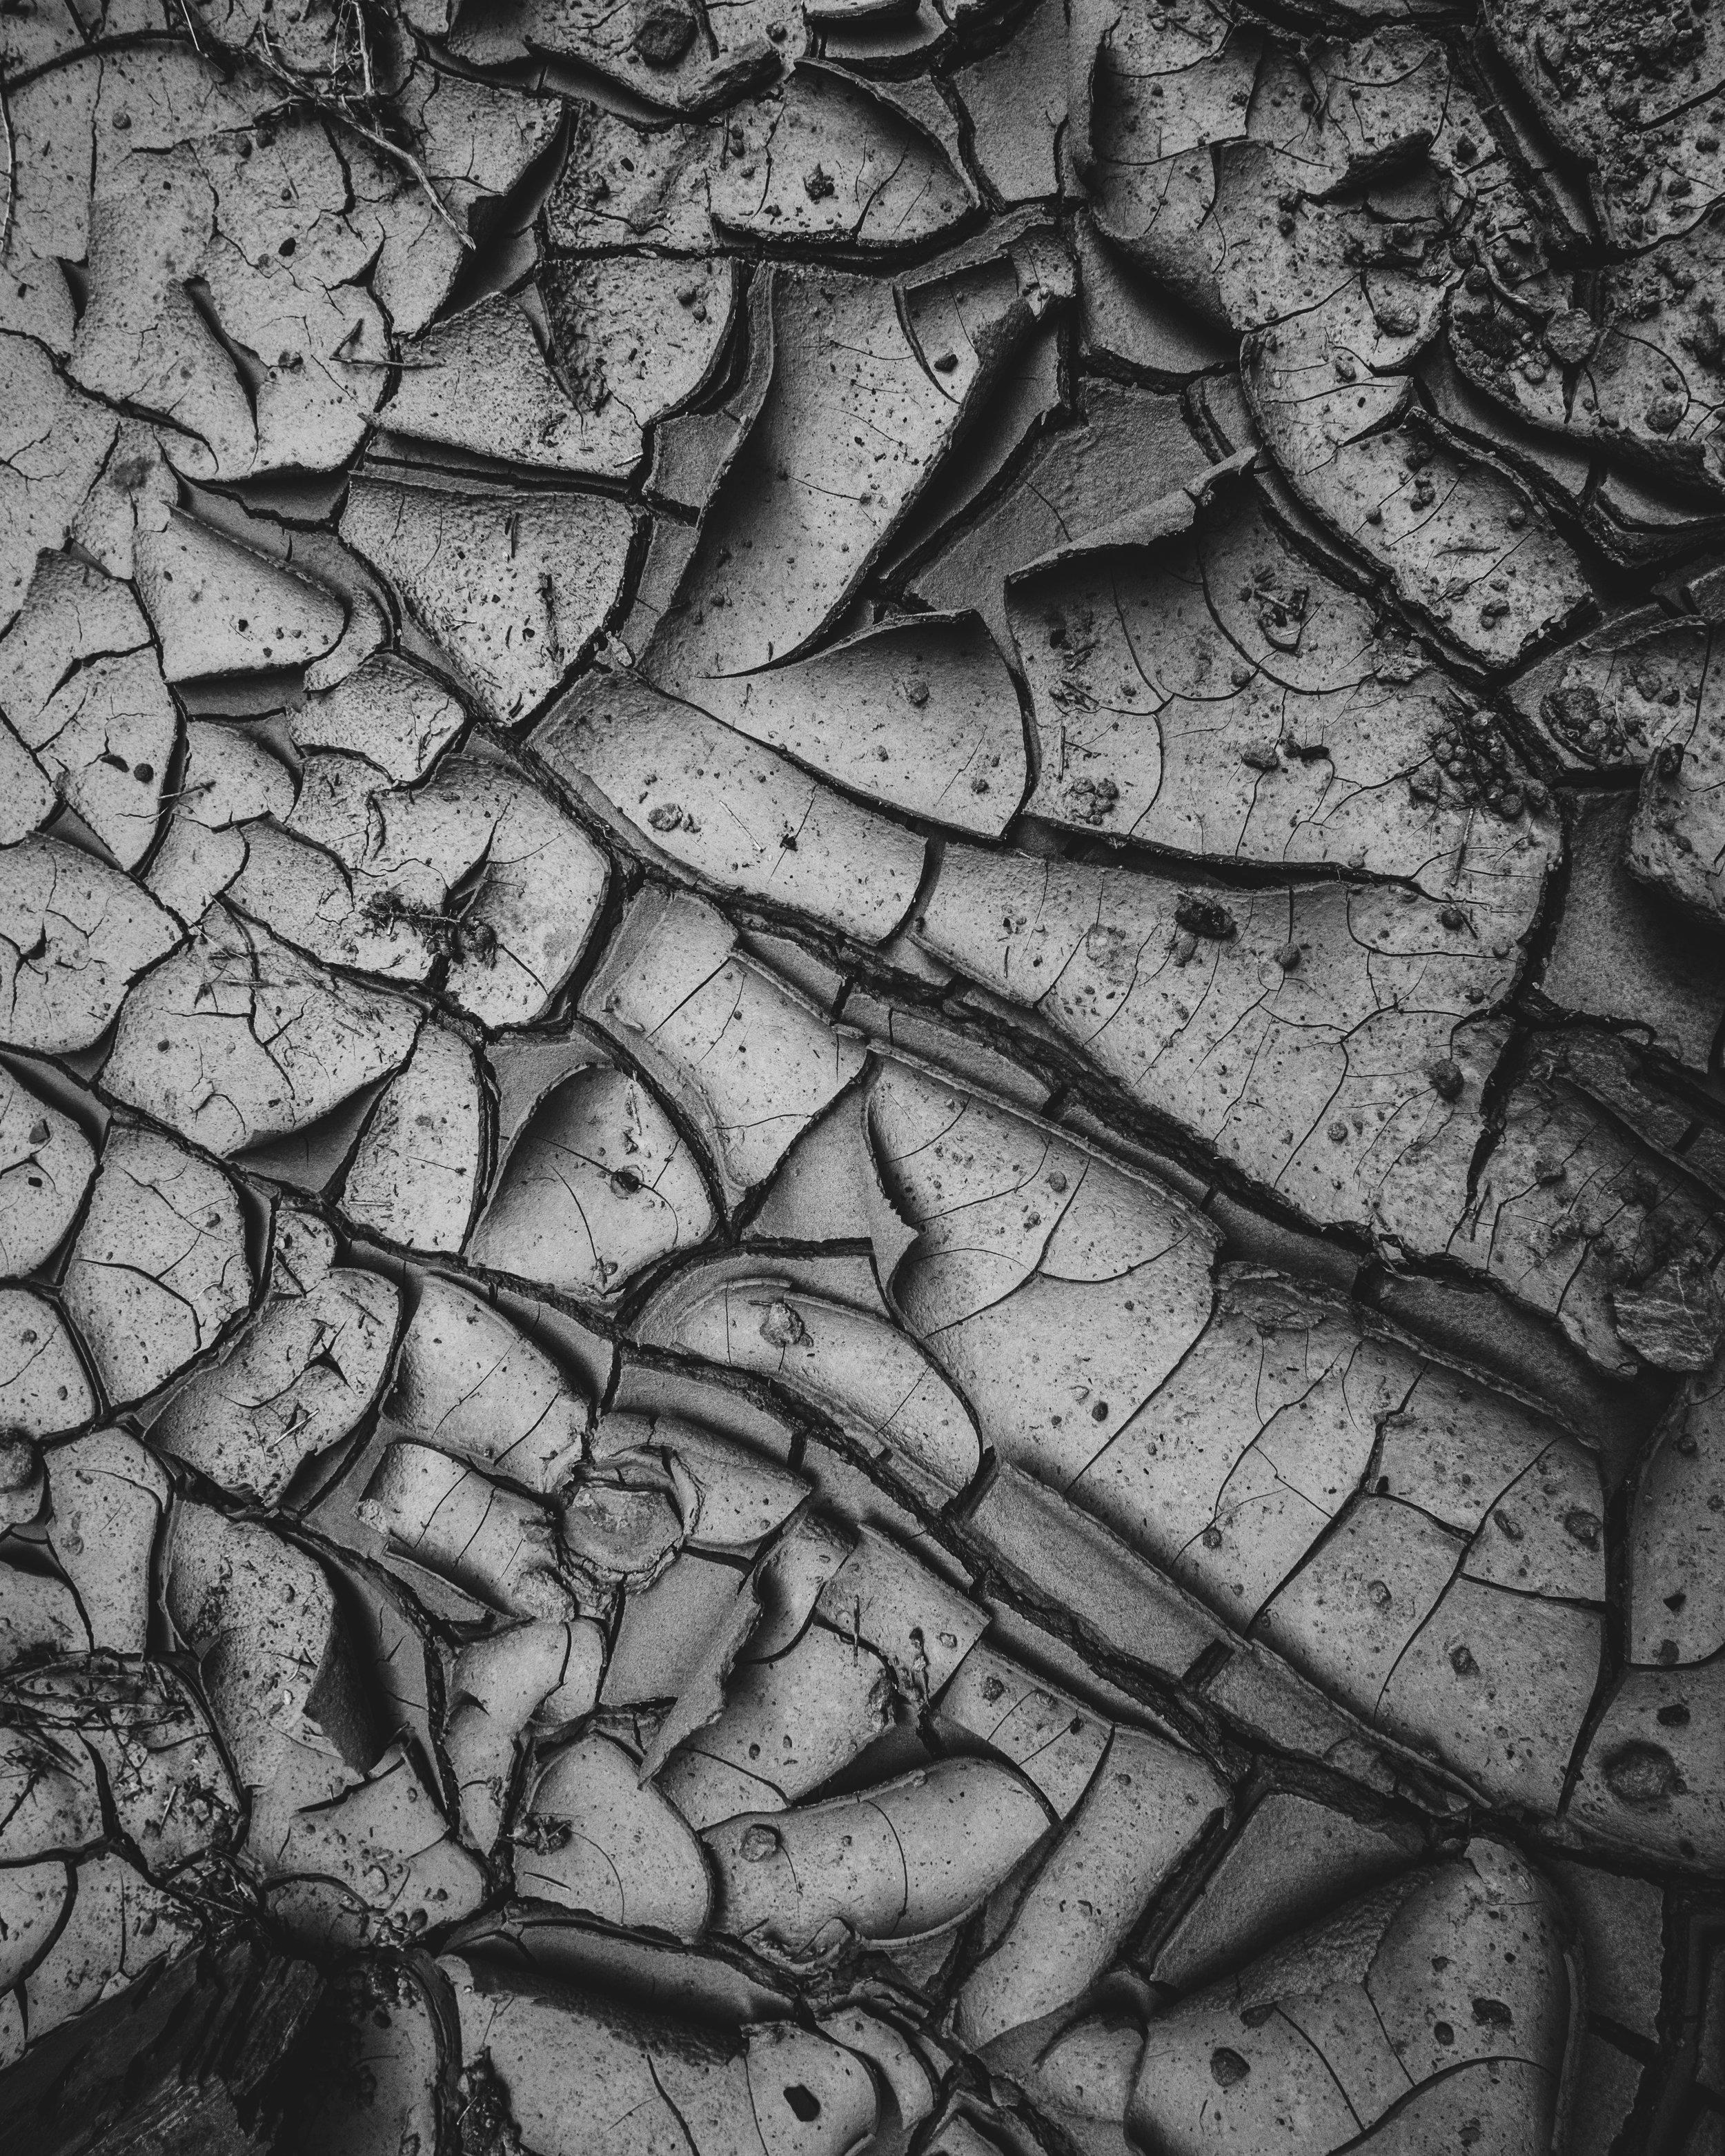 Cracked-1.jpg